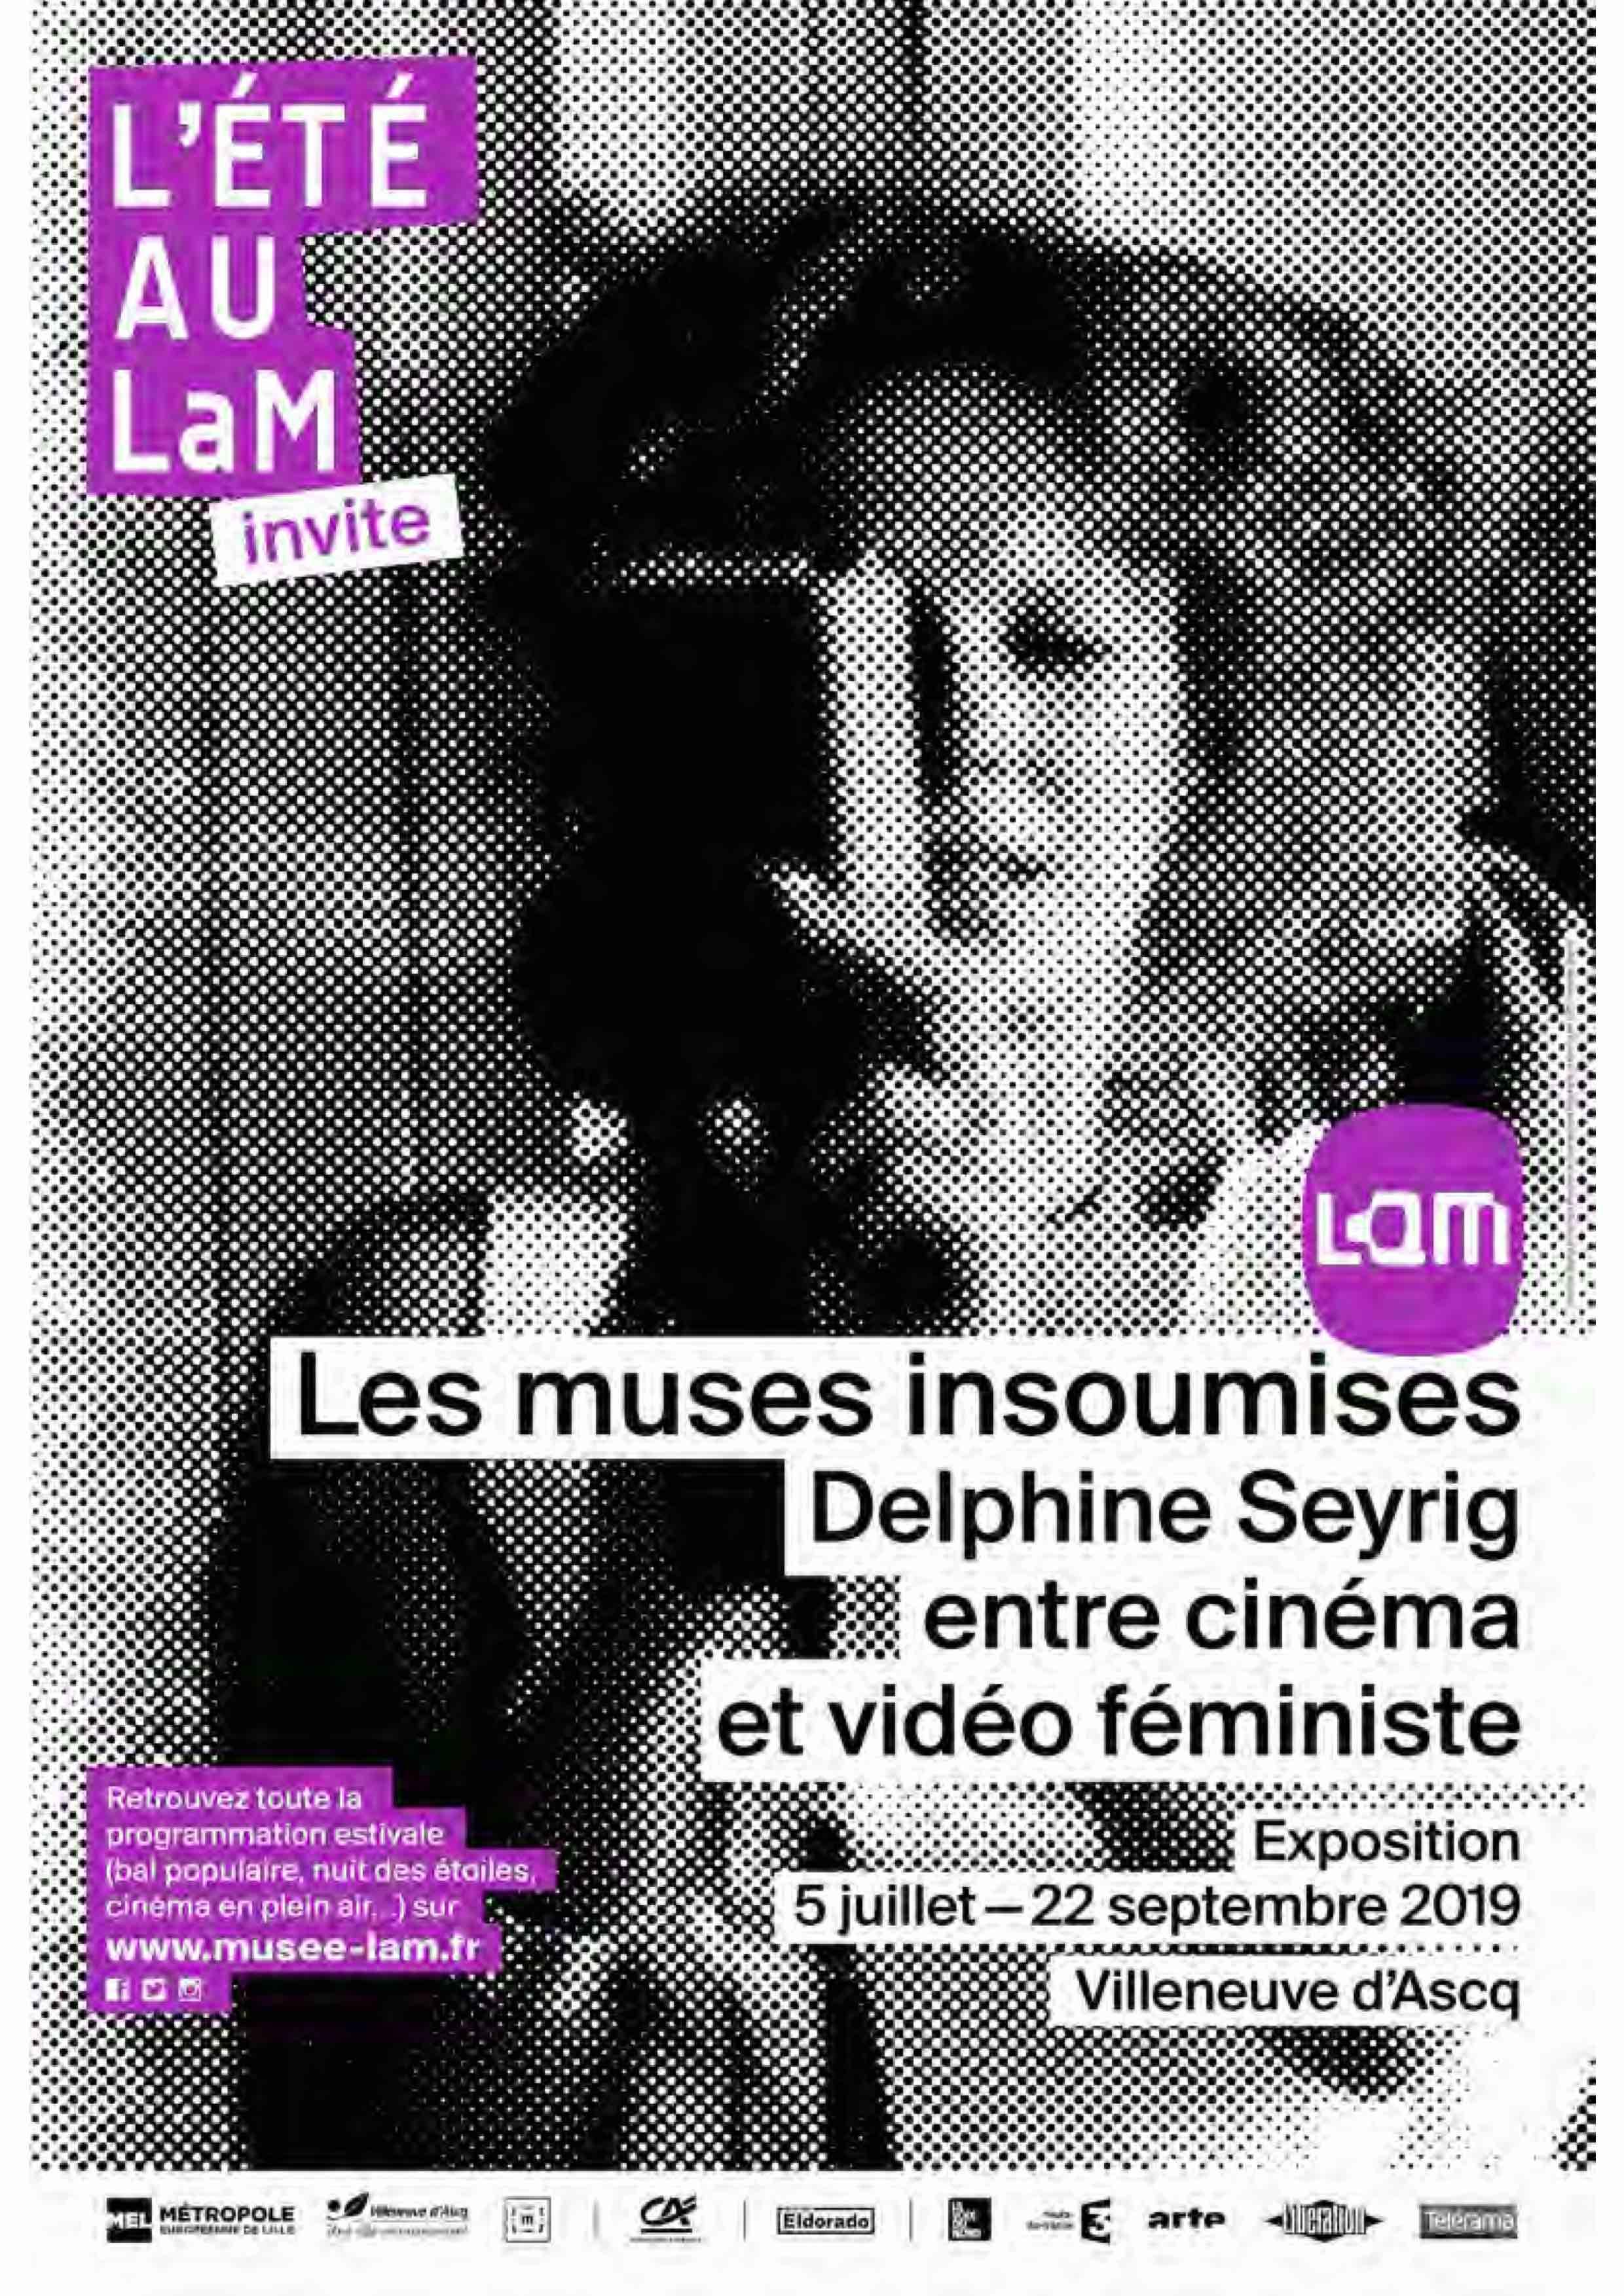 4 juillet 2019 Vernissage 5 juillet ouverture de l'exposition «Les muses insoumises. Delphine Seyrig entre cinéma et vidéo féministe»